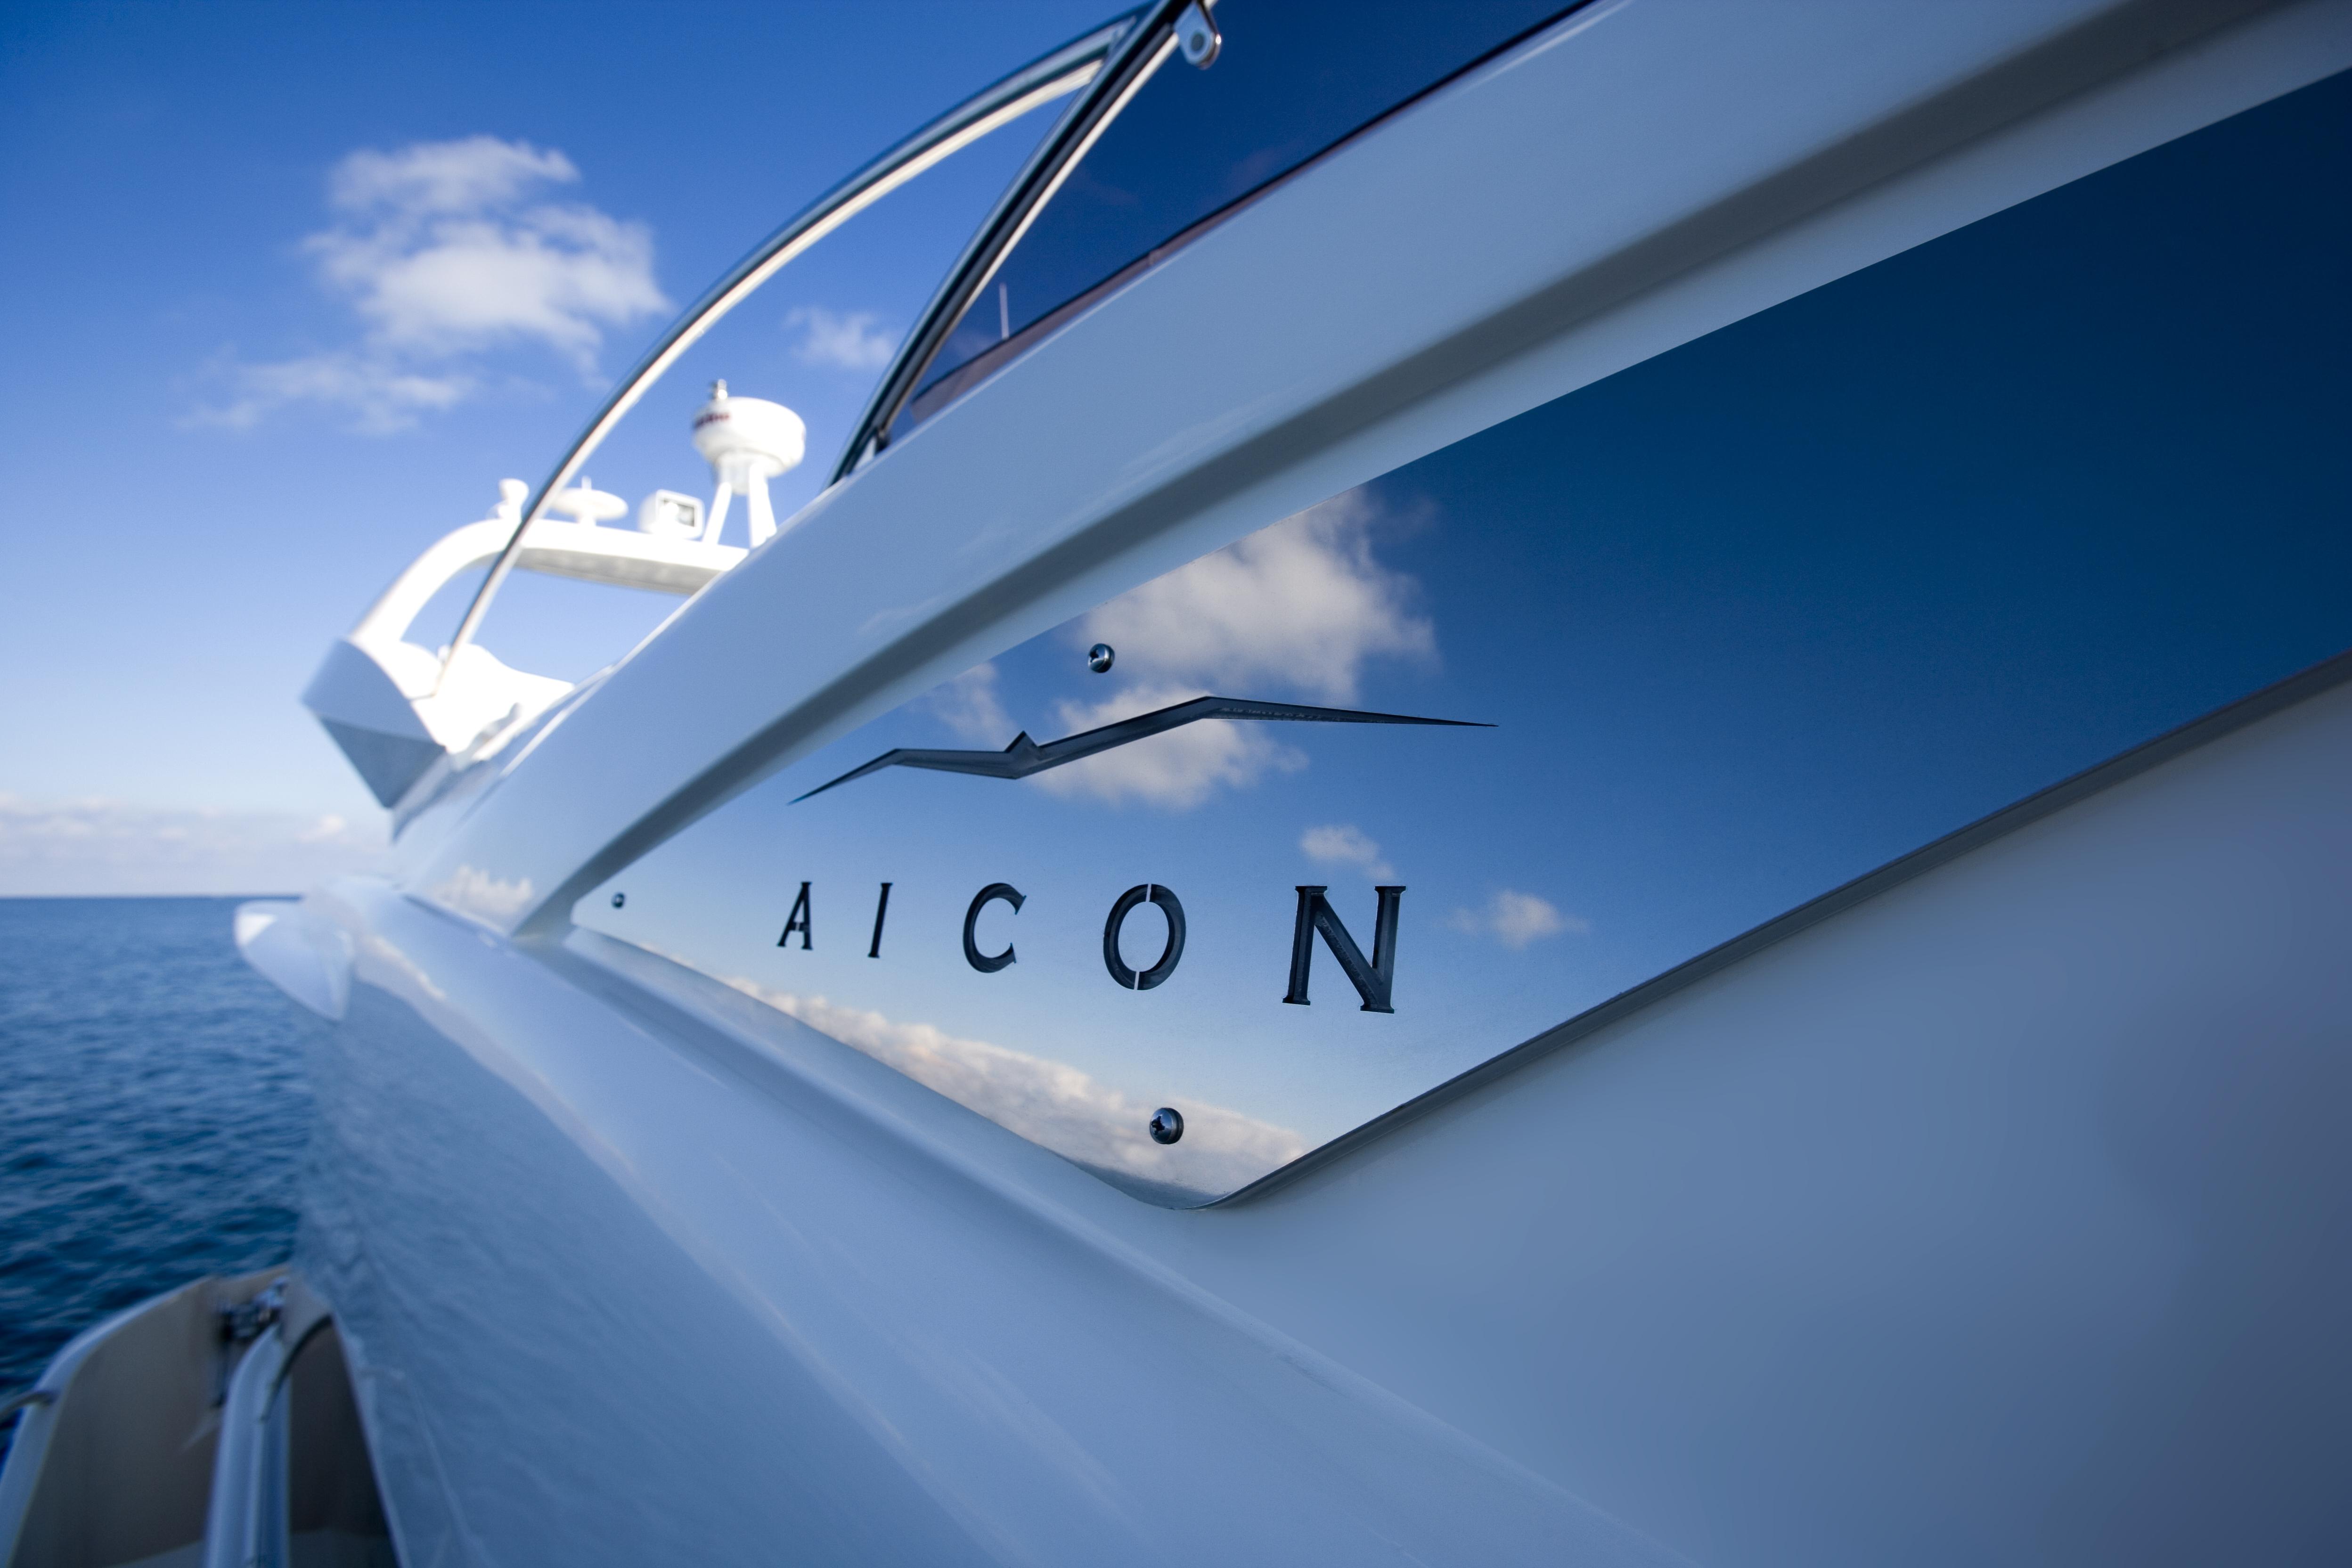 Marchi Registrati AICON e AICON YACHTS